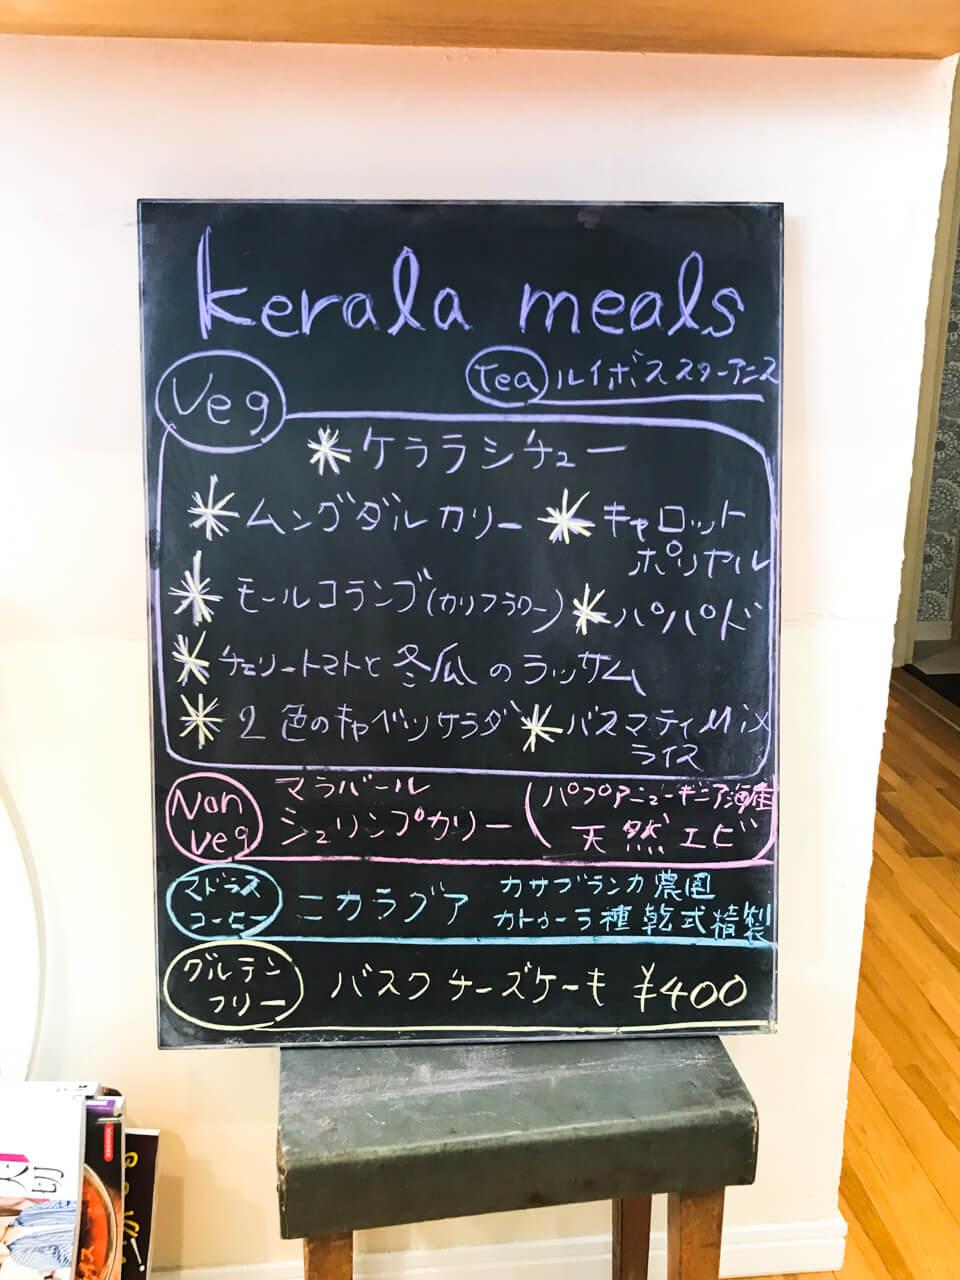 神奈川サンカリーのケララミールス メニュー